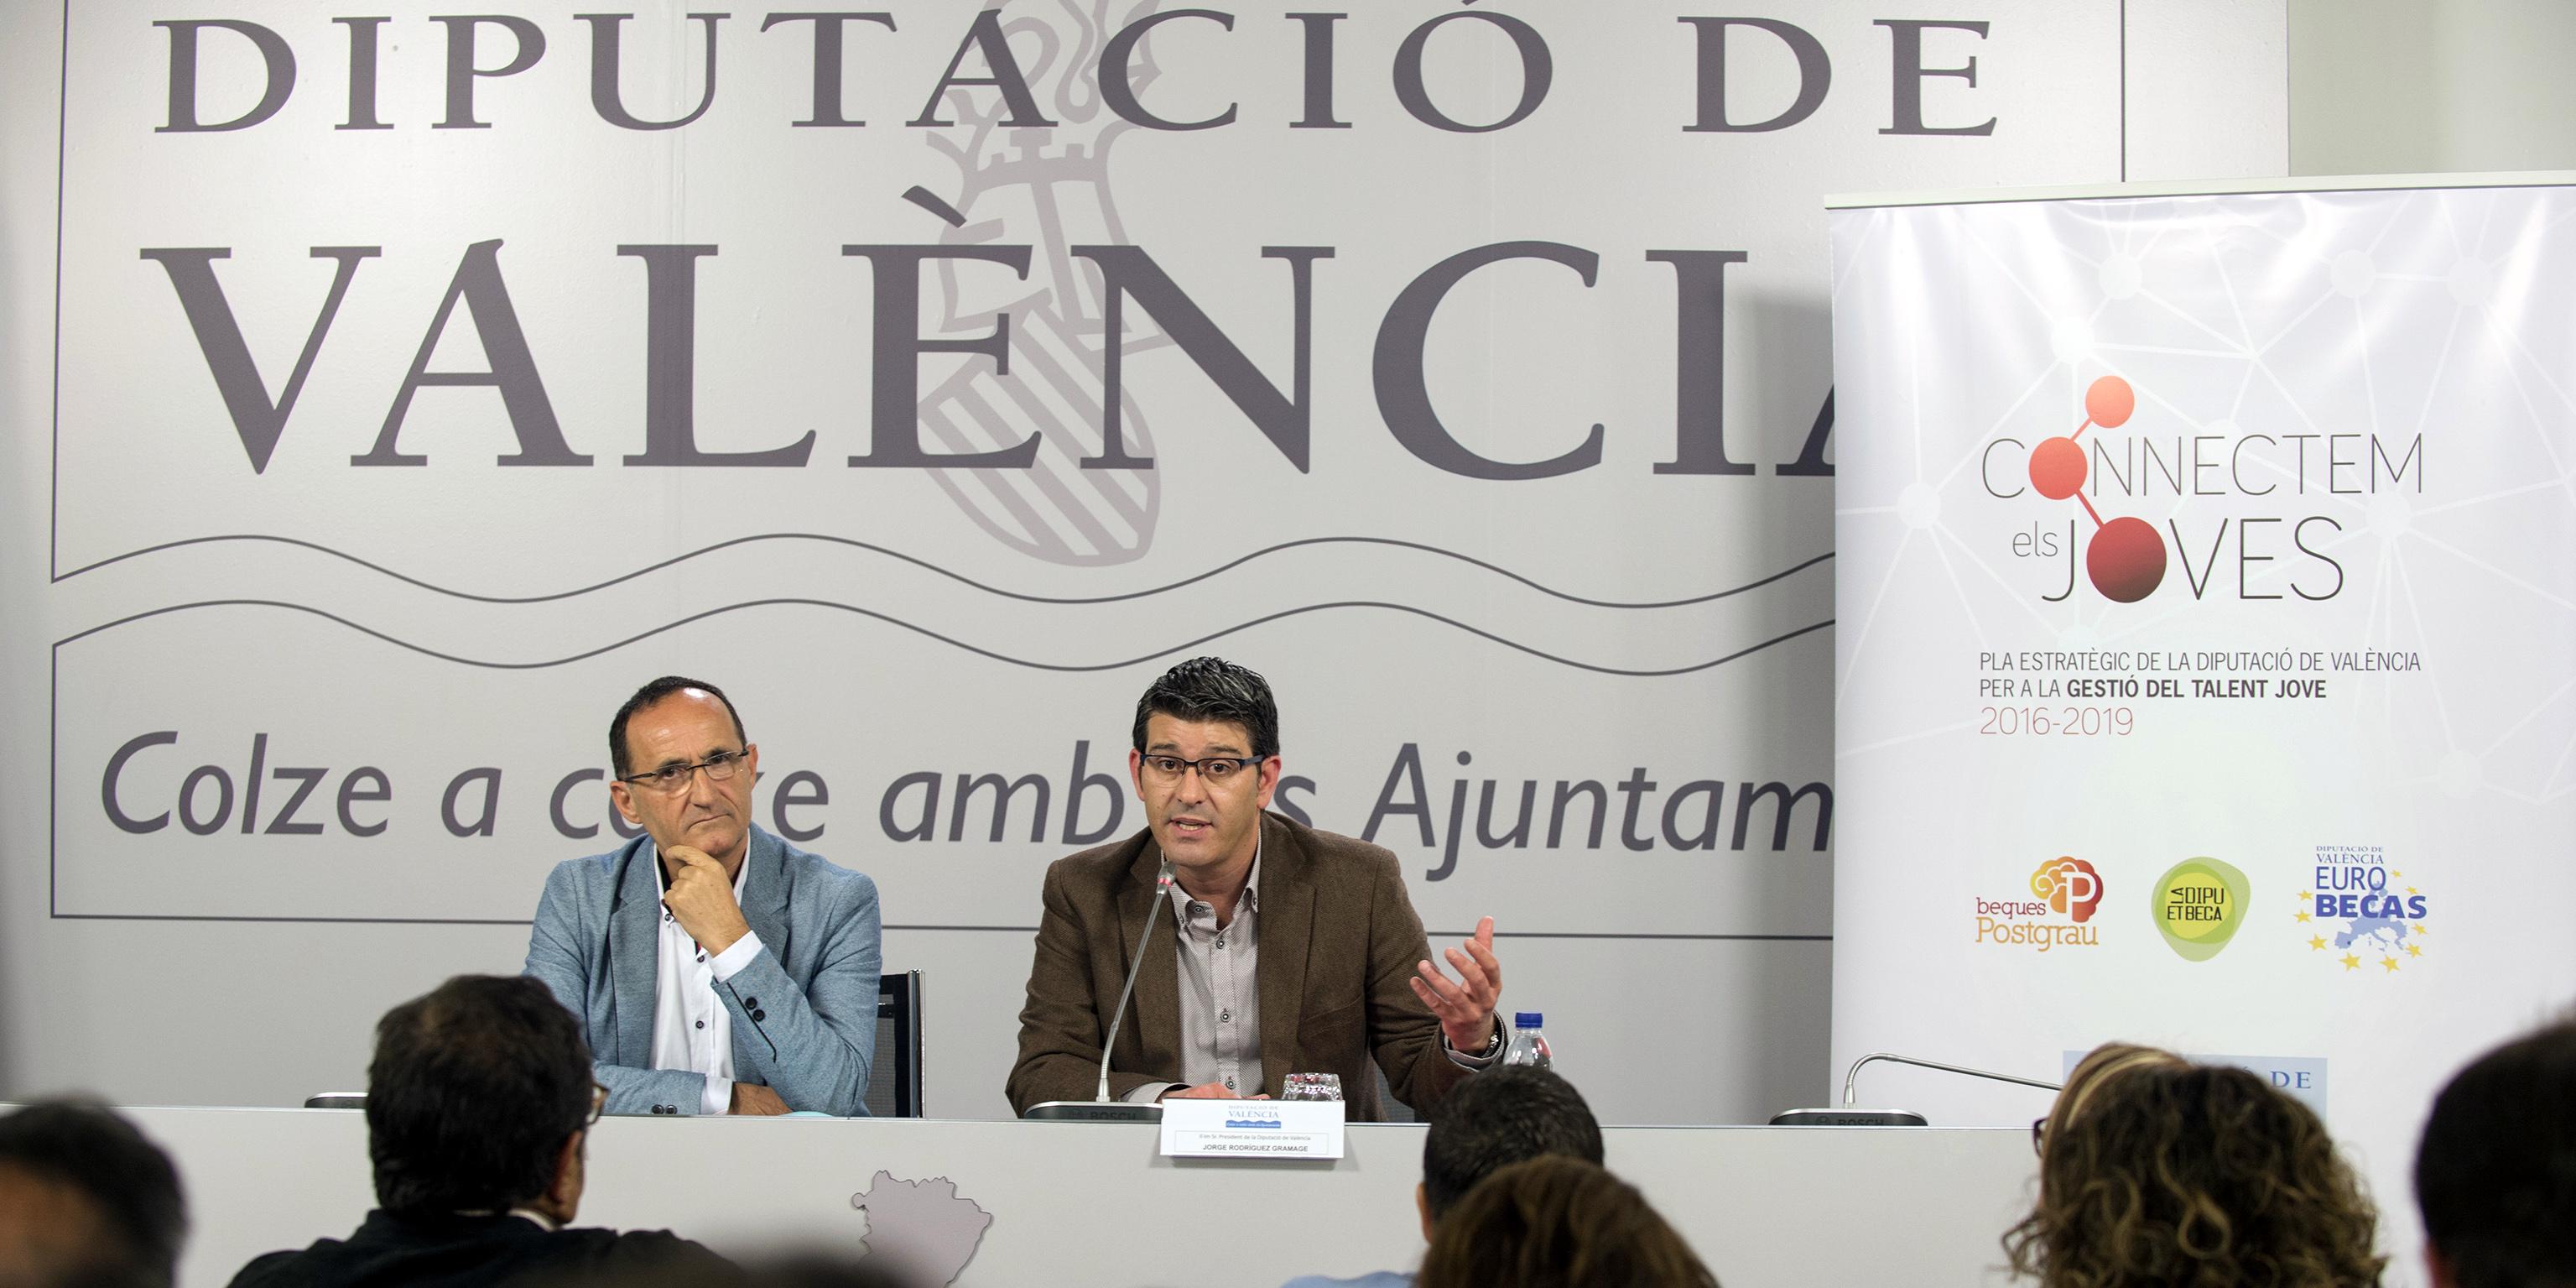 Presentación del Plan Gestió de Talent Jove a cargo de Bartolomé Nofuentes y Jorge Rodríguez.